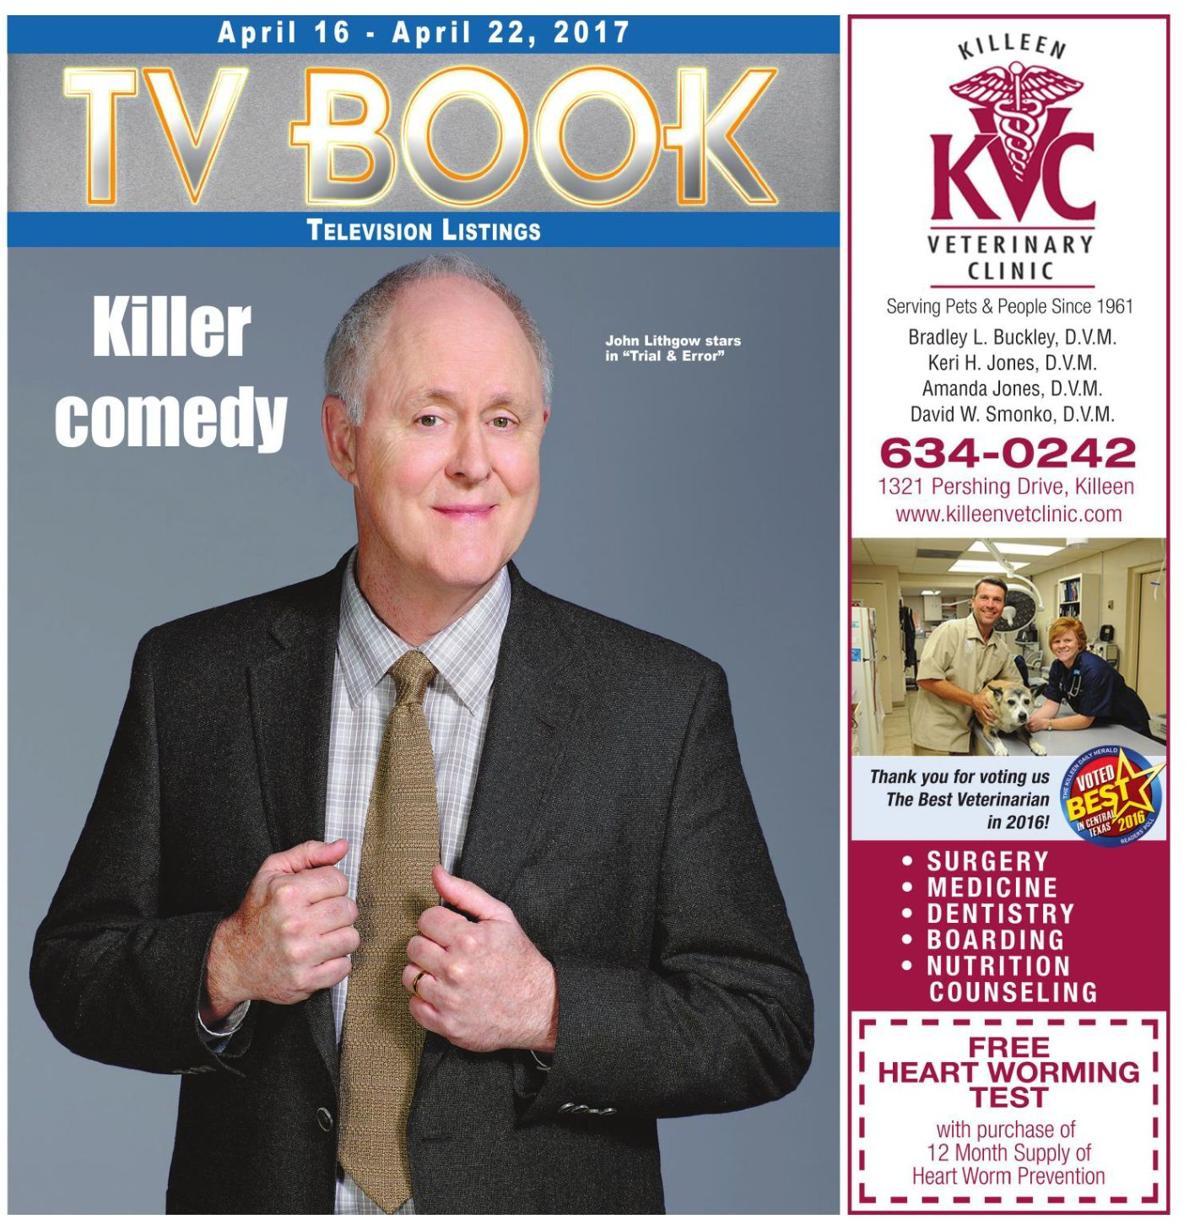 TV Book April 16th